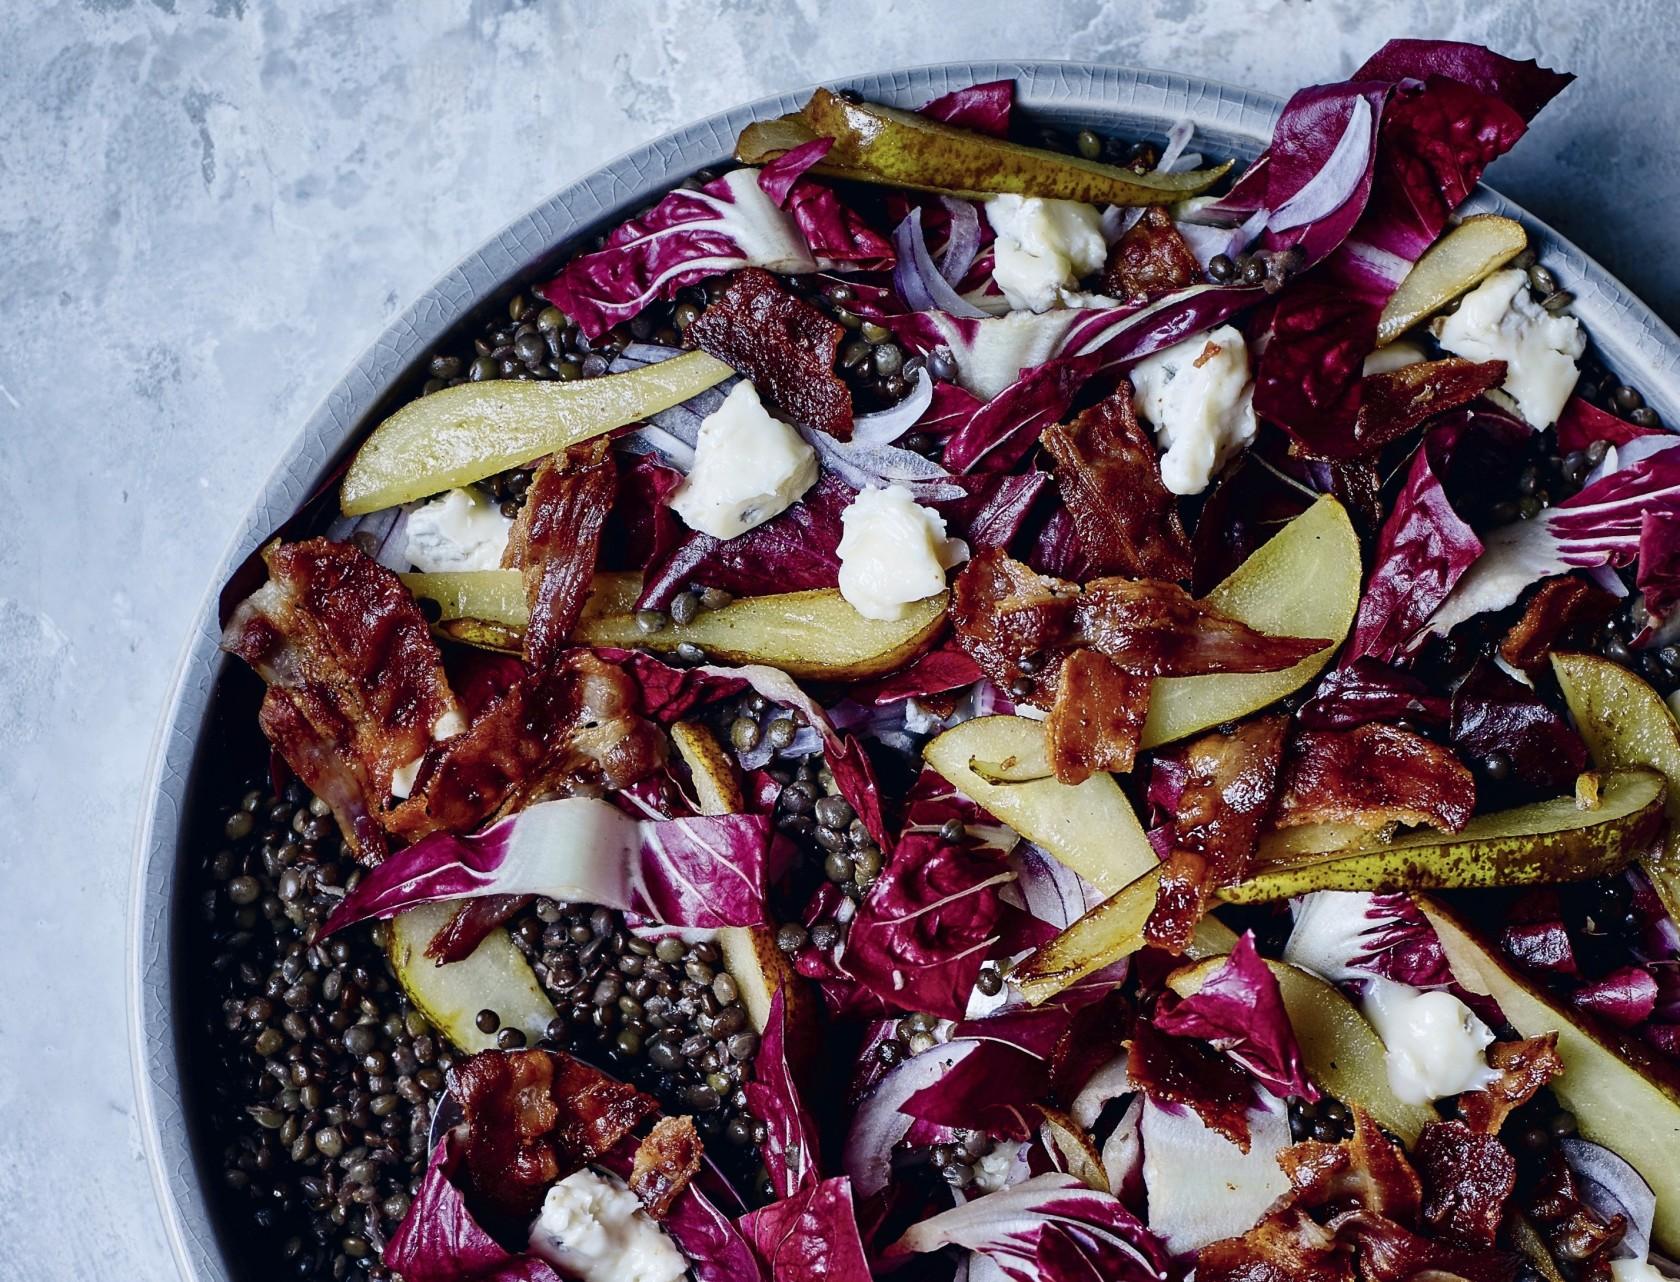 Linsesalat med pære, bacon og gorgonzola - lækker opskrift på måltidssalat.